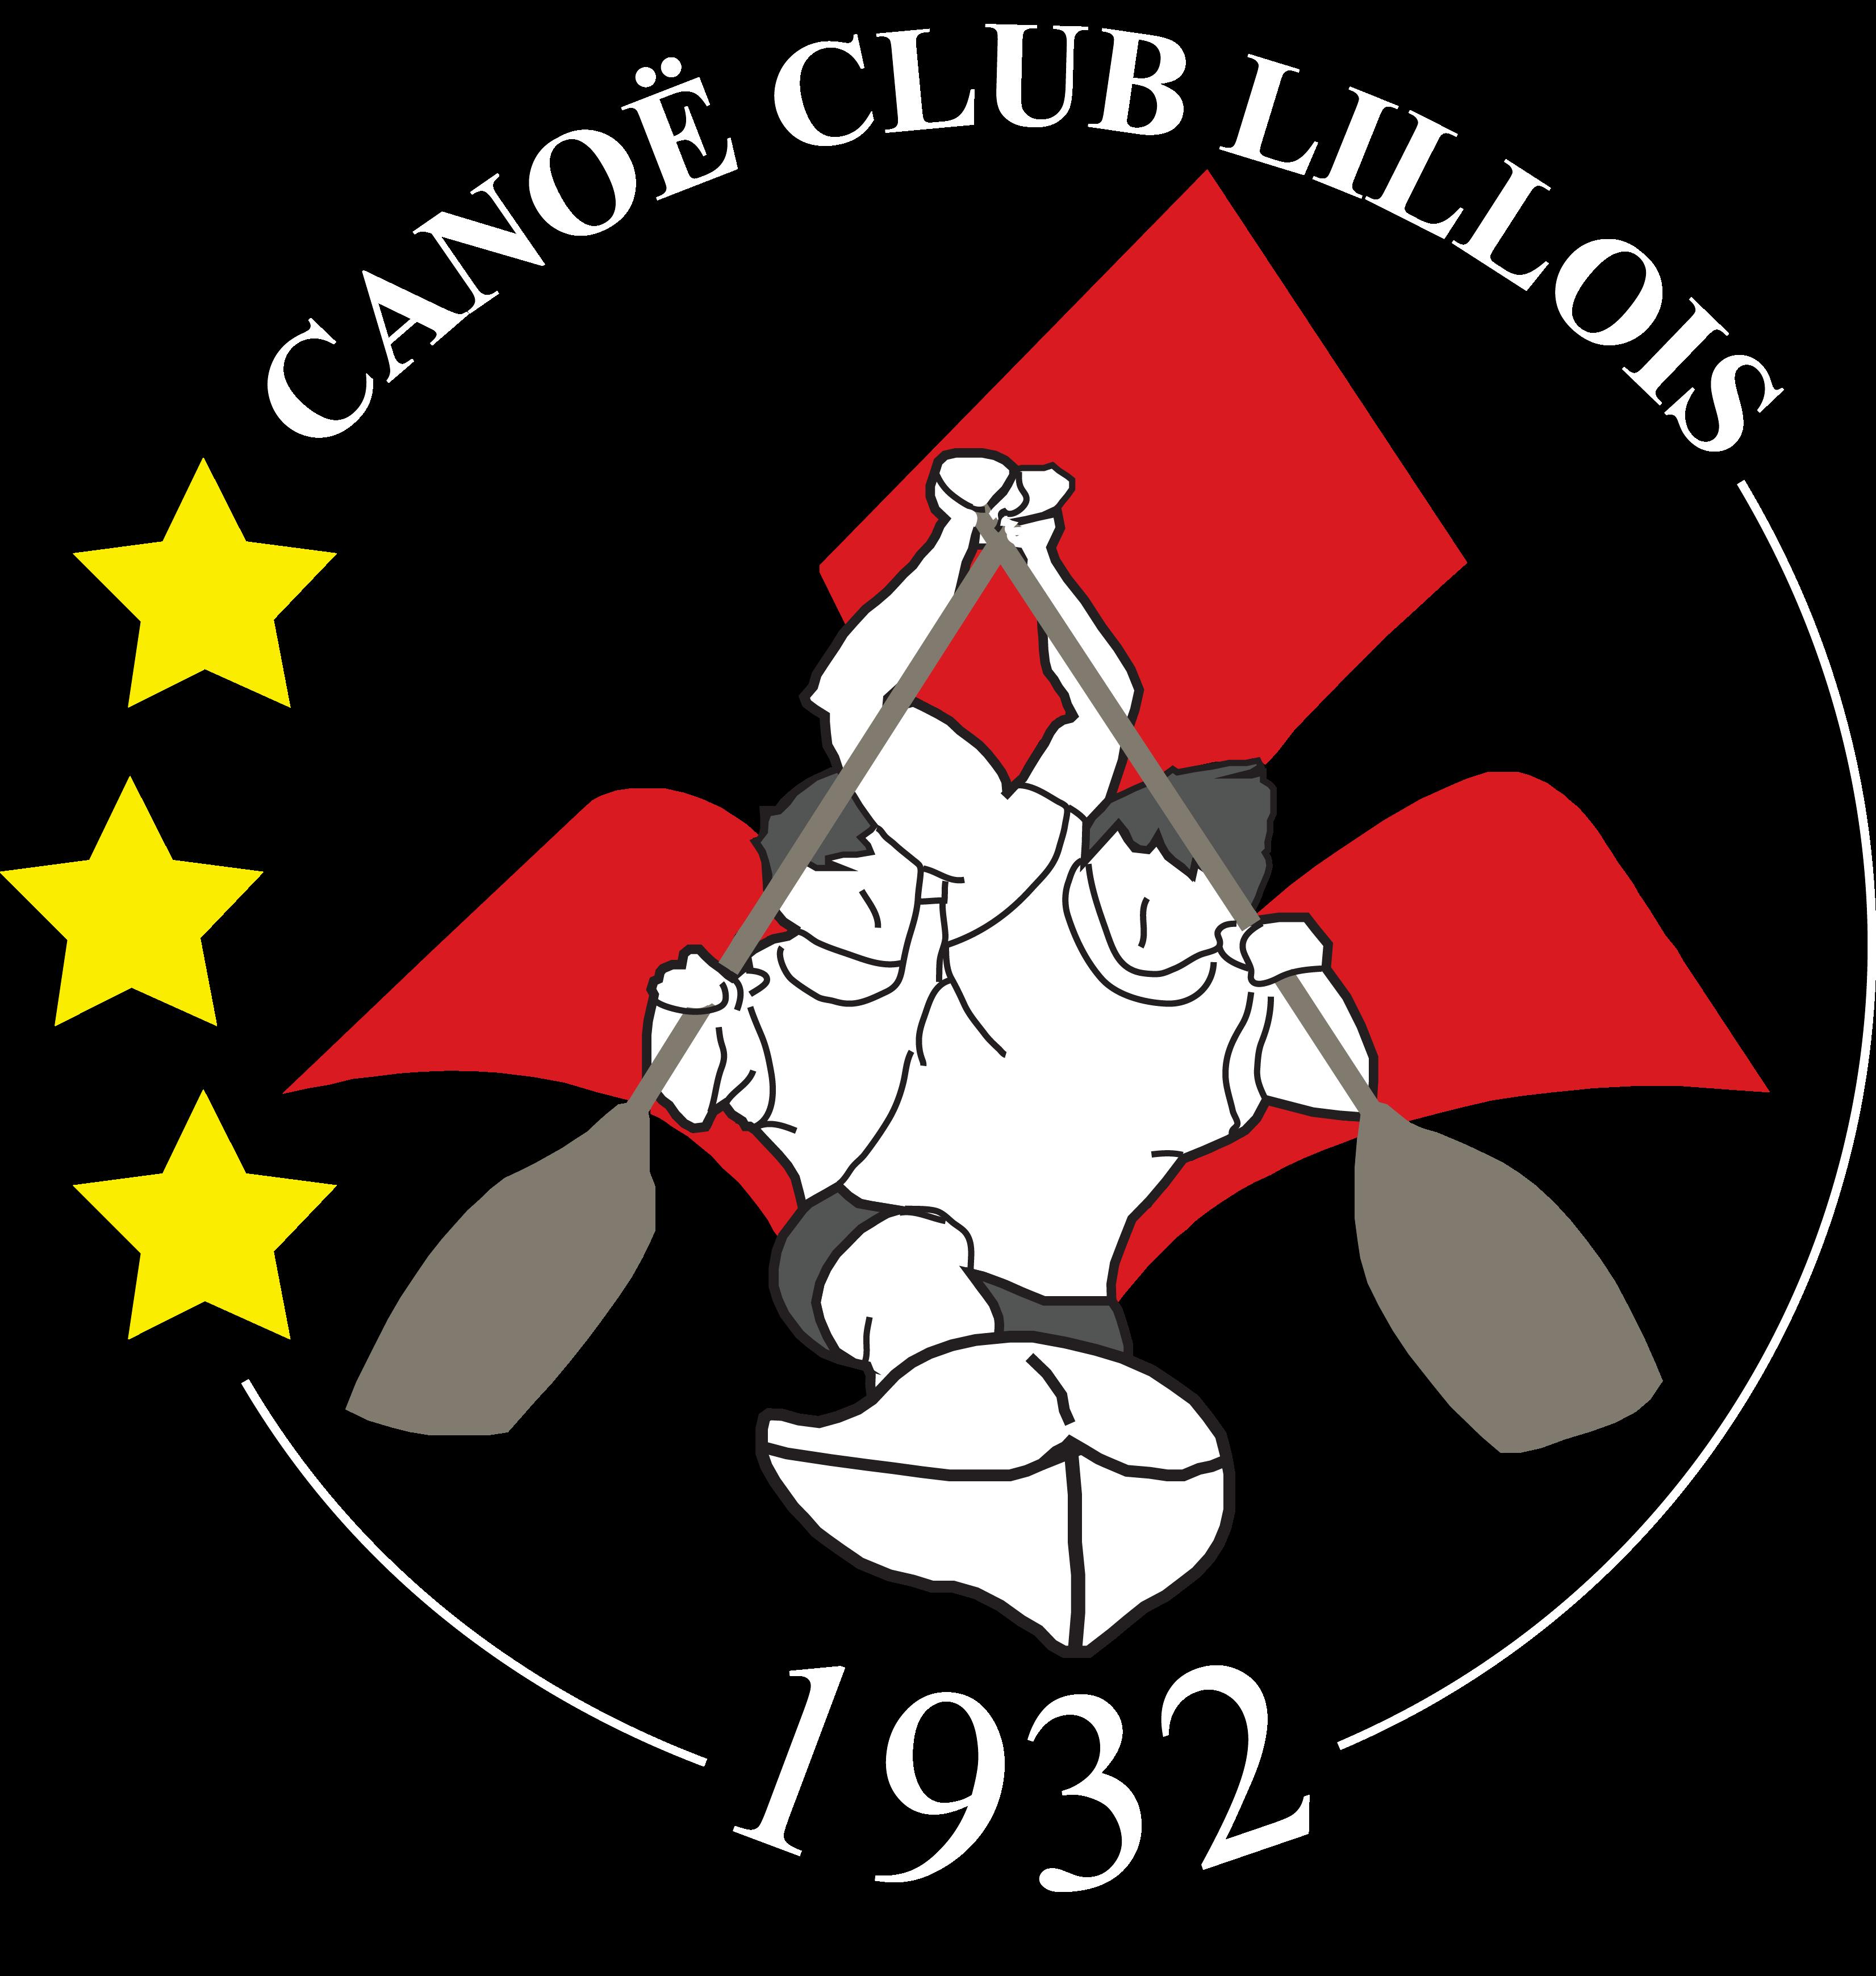 Canoë Club Lillois